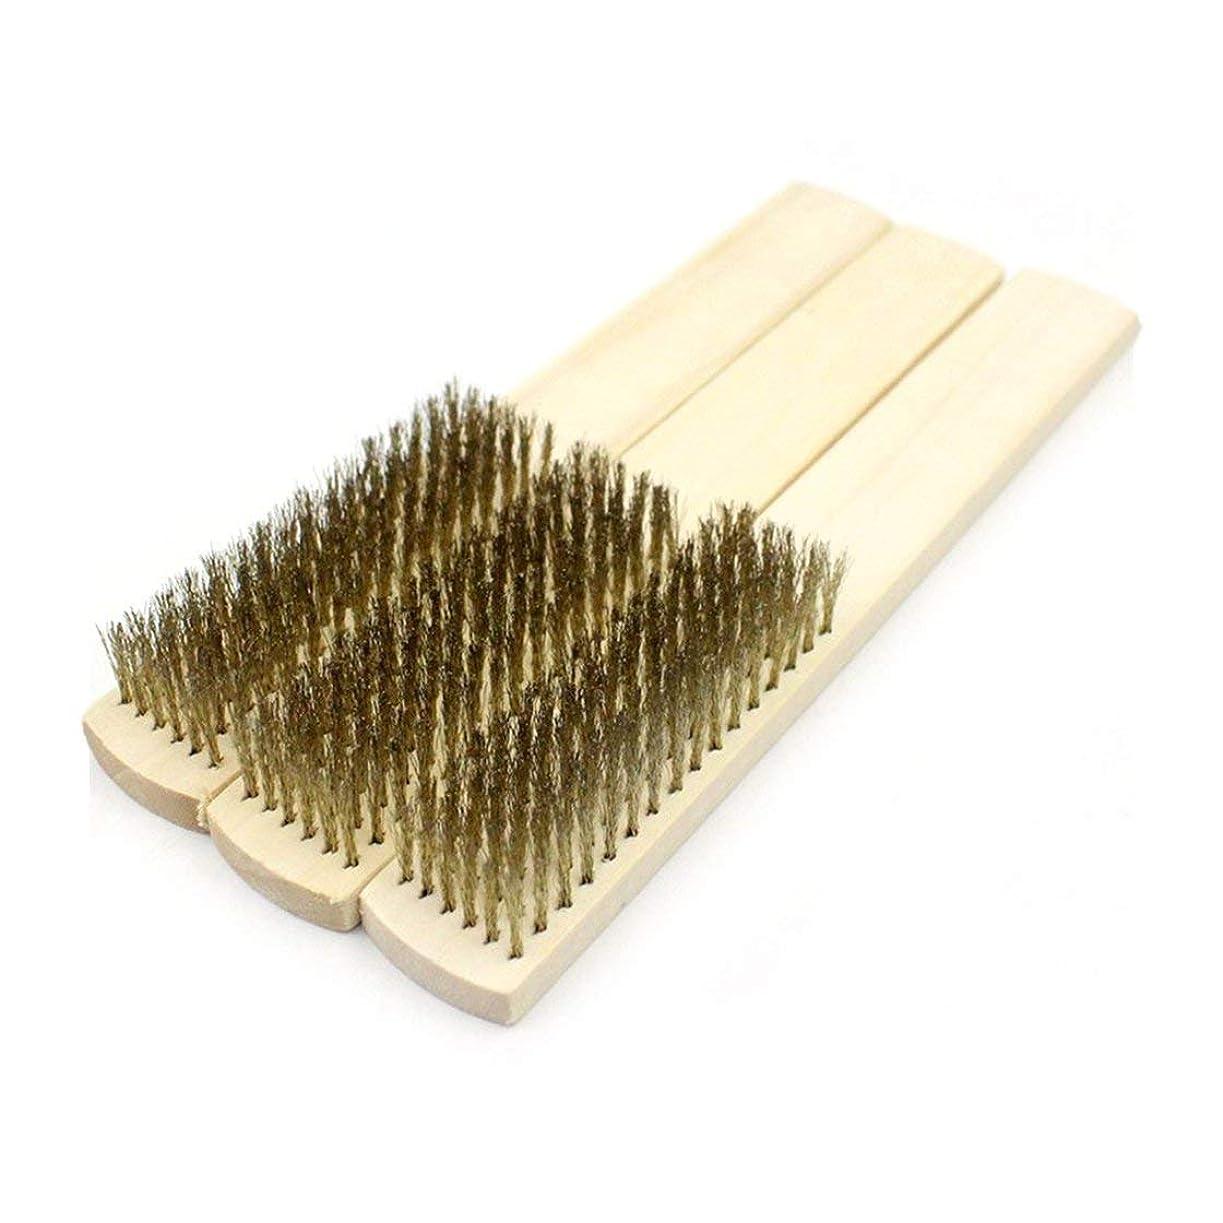 単調なディスコ対象真鍮剛毛鋼線ブラシ銅ブラシ傷表面内部研磨研削金属機械クリーニングウッドハンドル(黄色) (Rustle666)